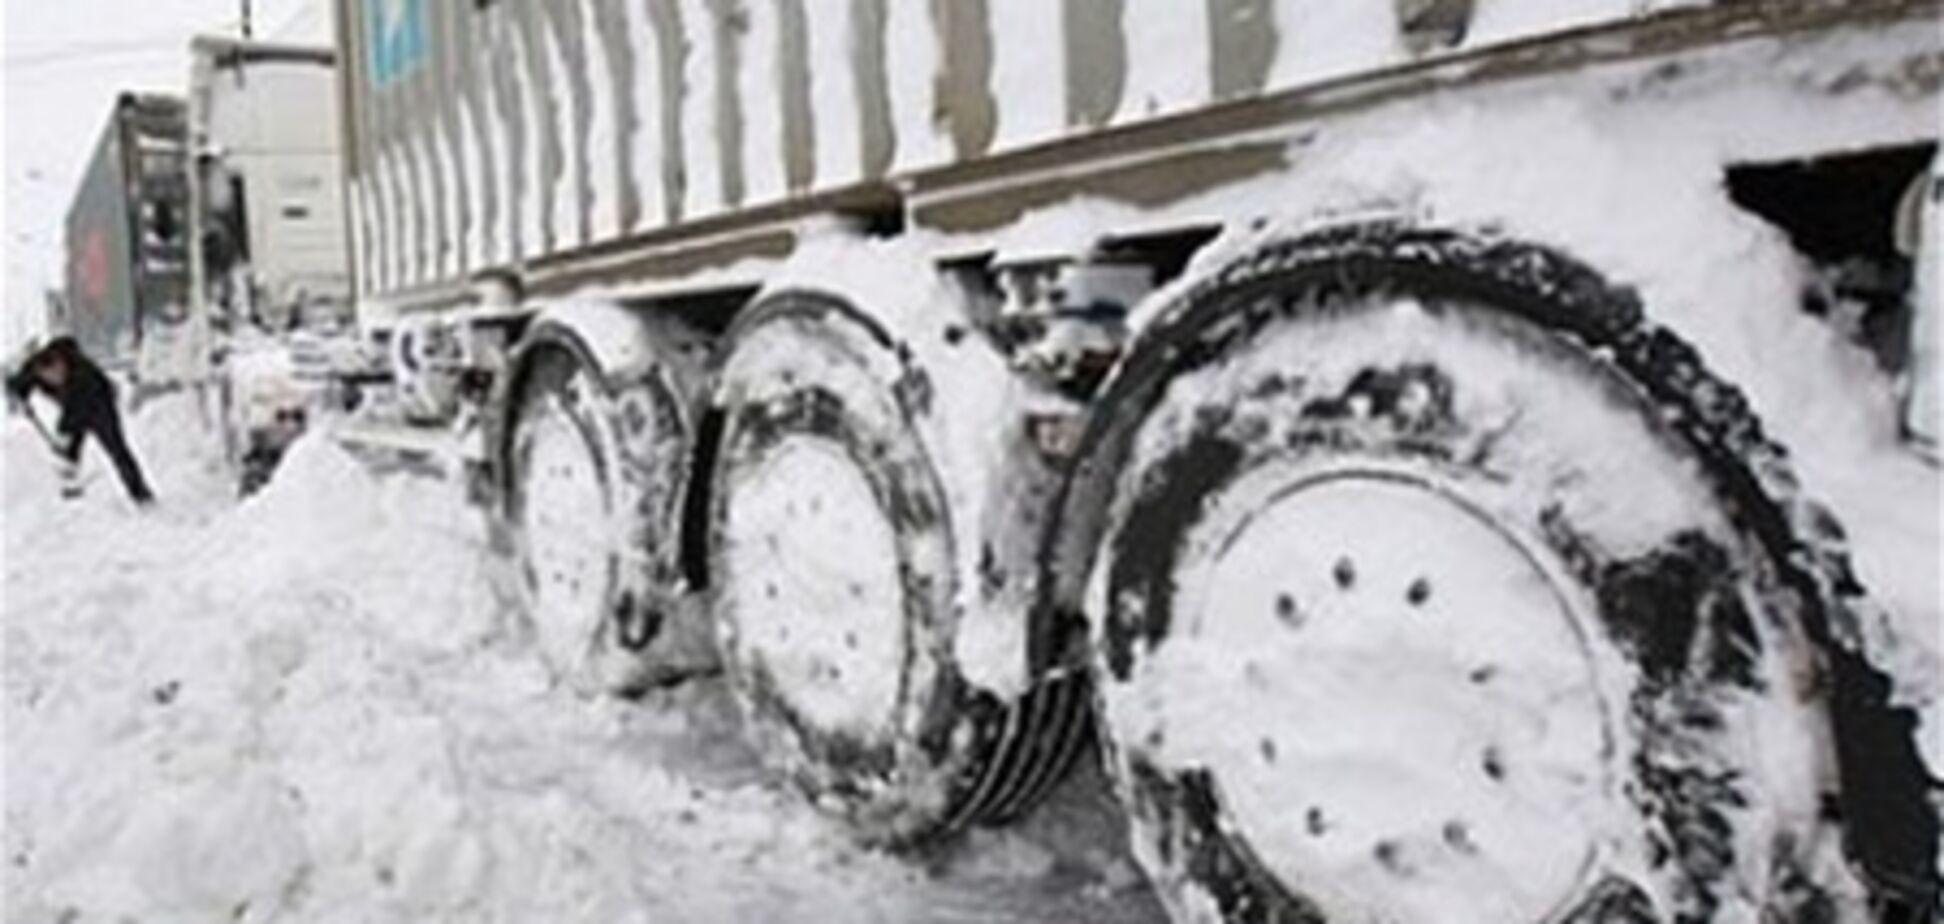 Затор на Львівщині ліквідовано, але деякі села ще заблоковані заметами